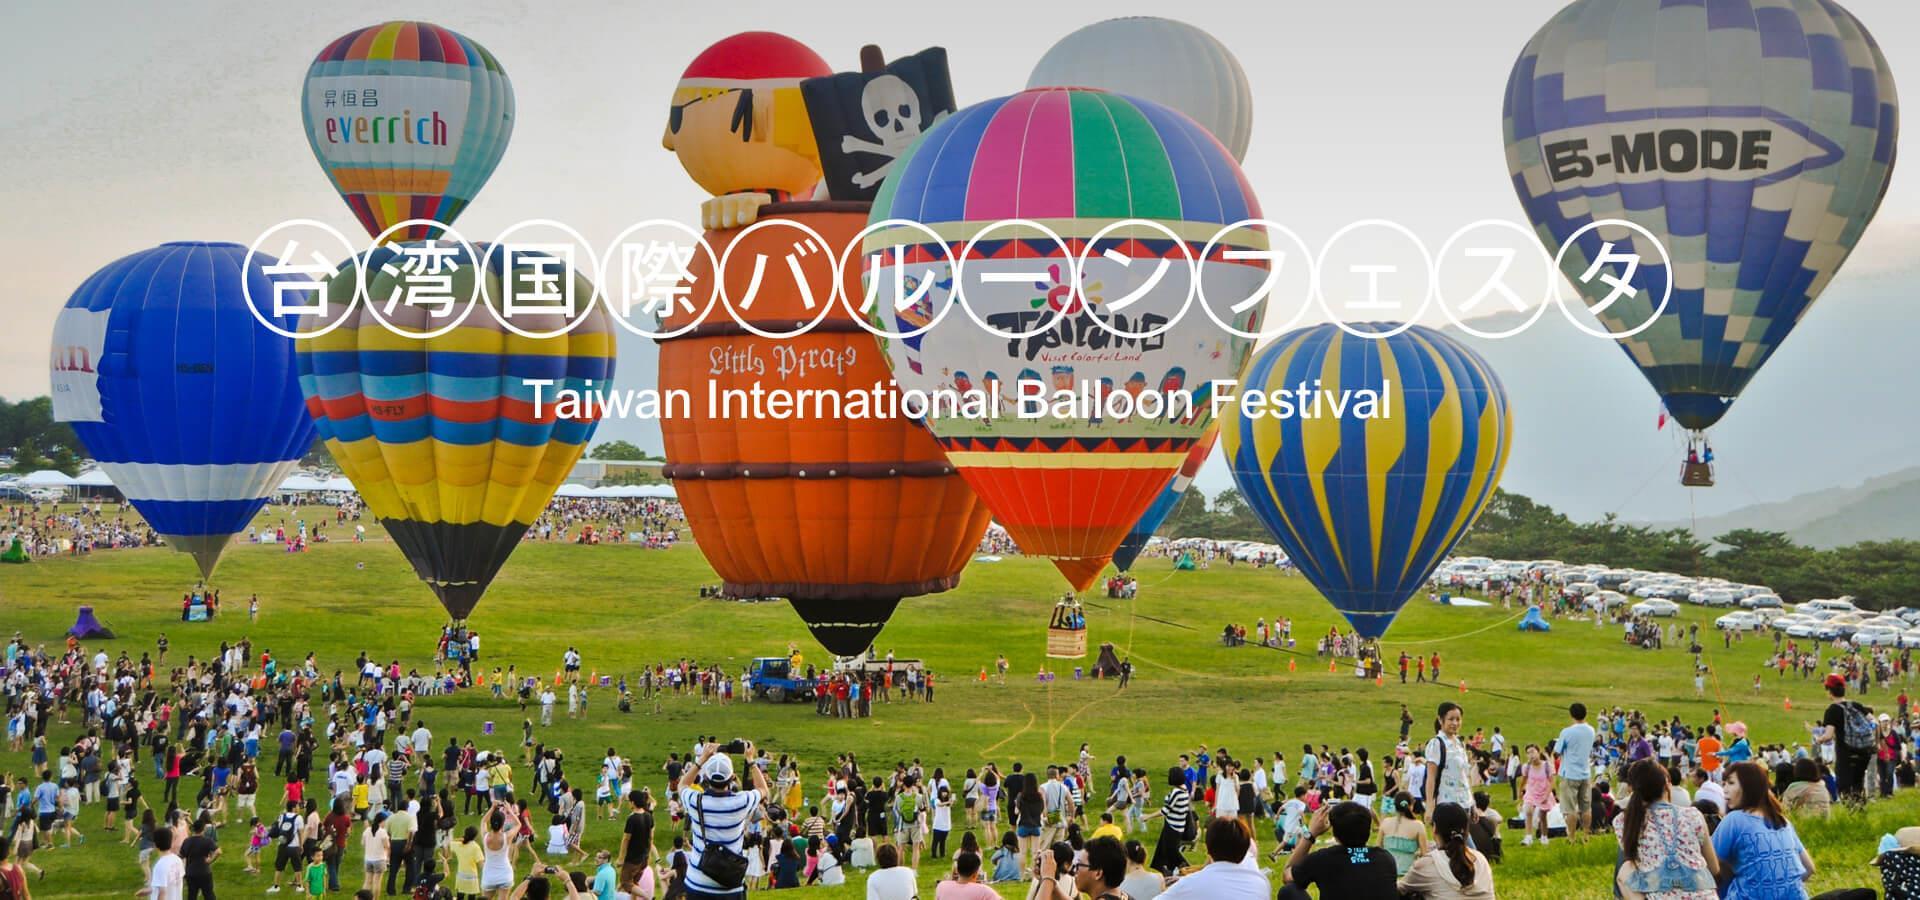 台湾国際バルーンフェスタ